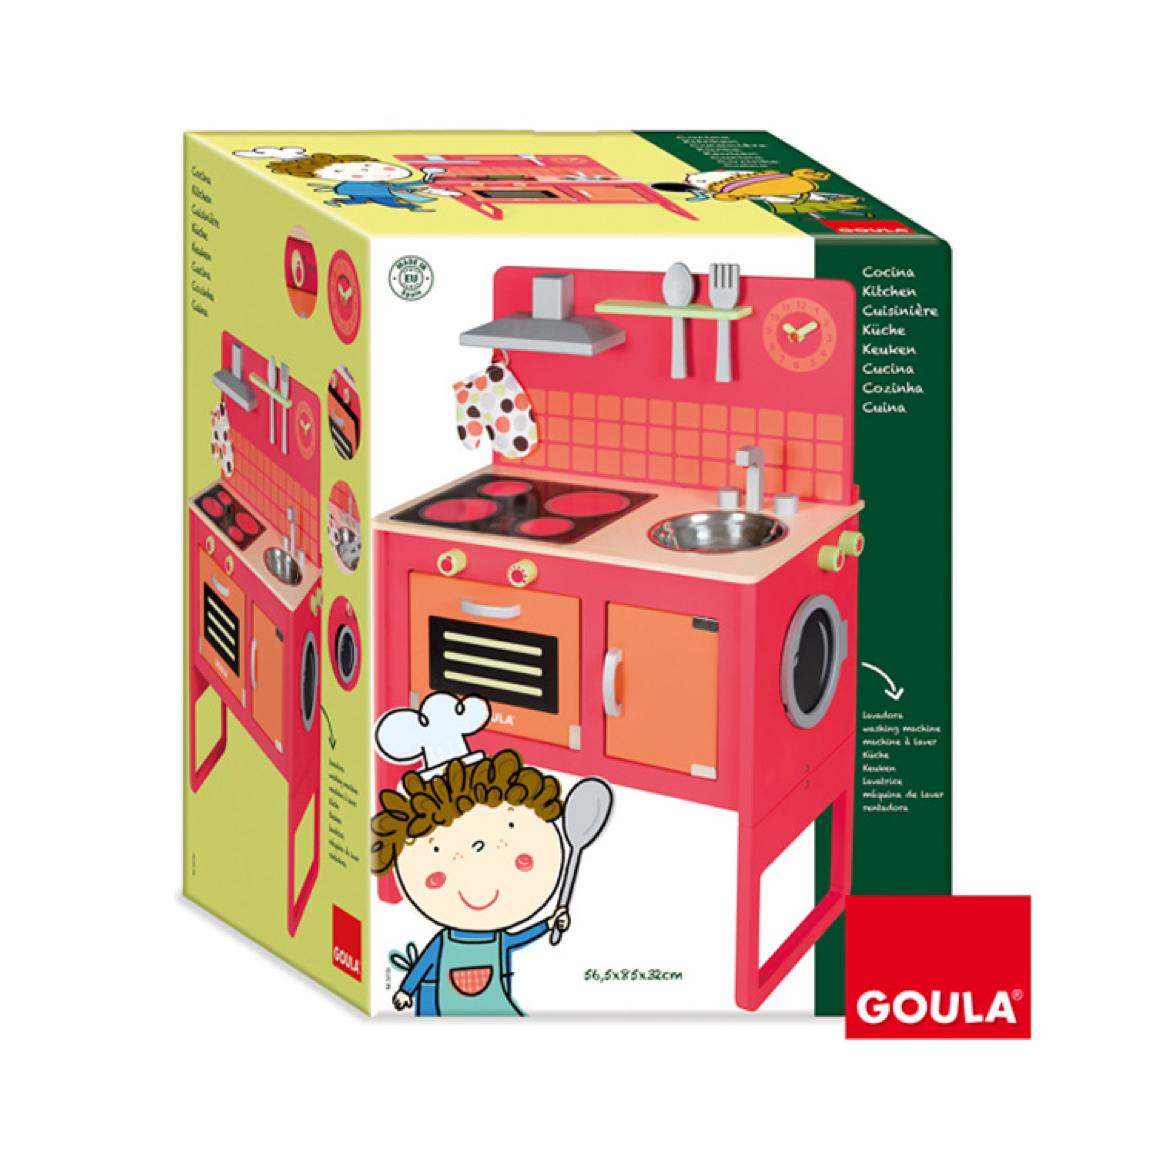 cocina-lavadora-roja-de-goula-en-el-mundo-de-mico-2